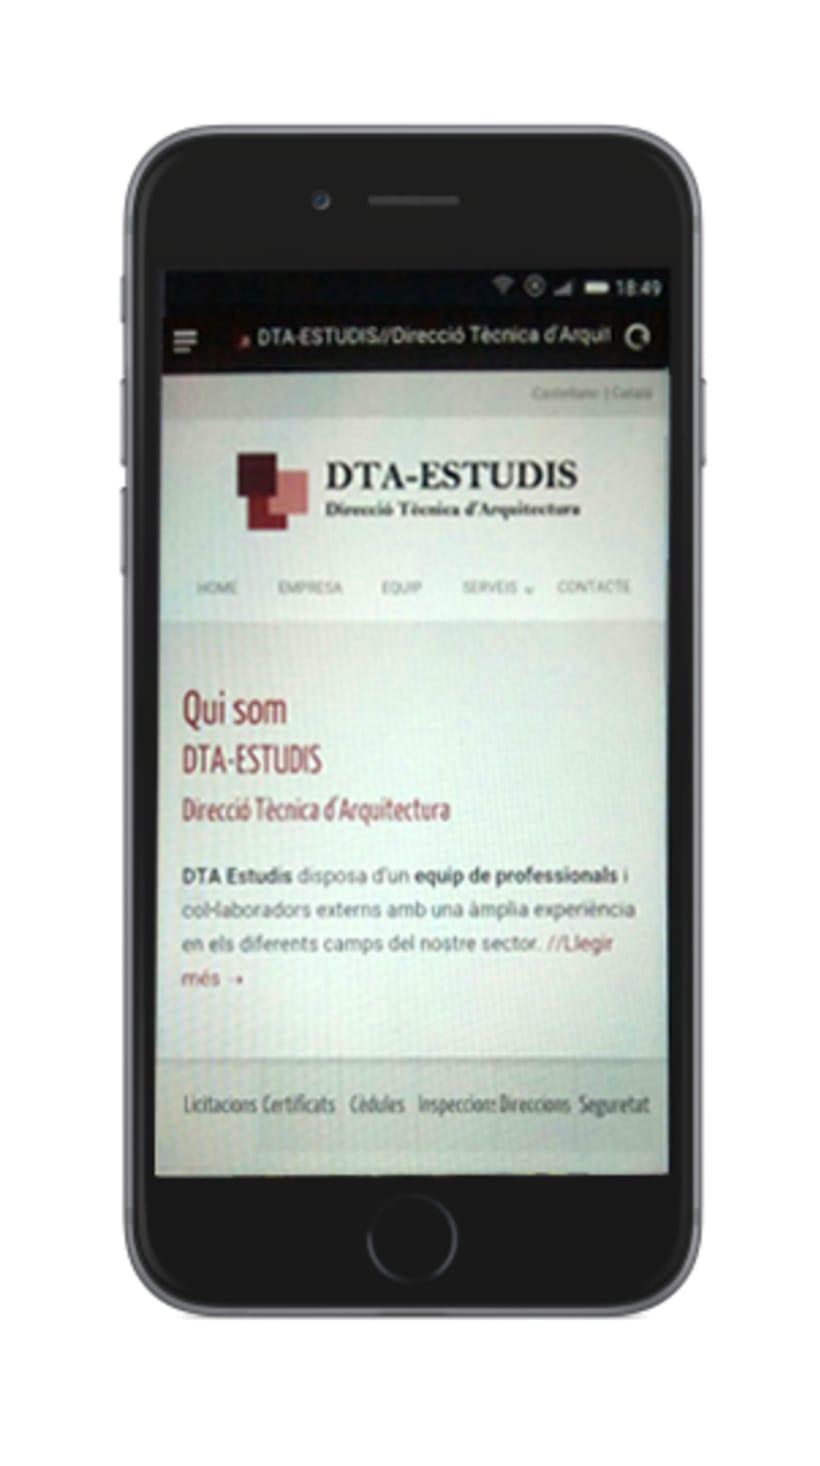 DTA-Estudis 1